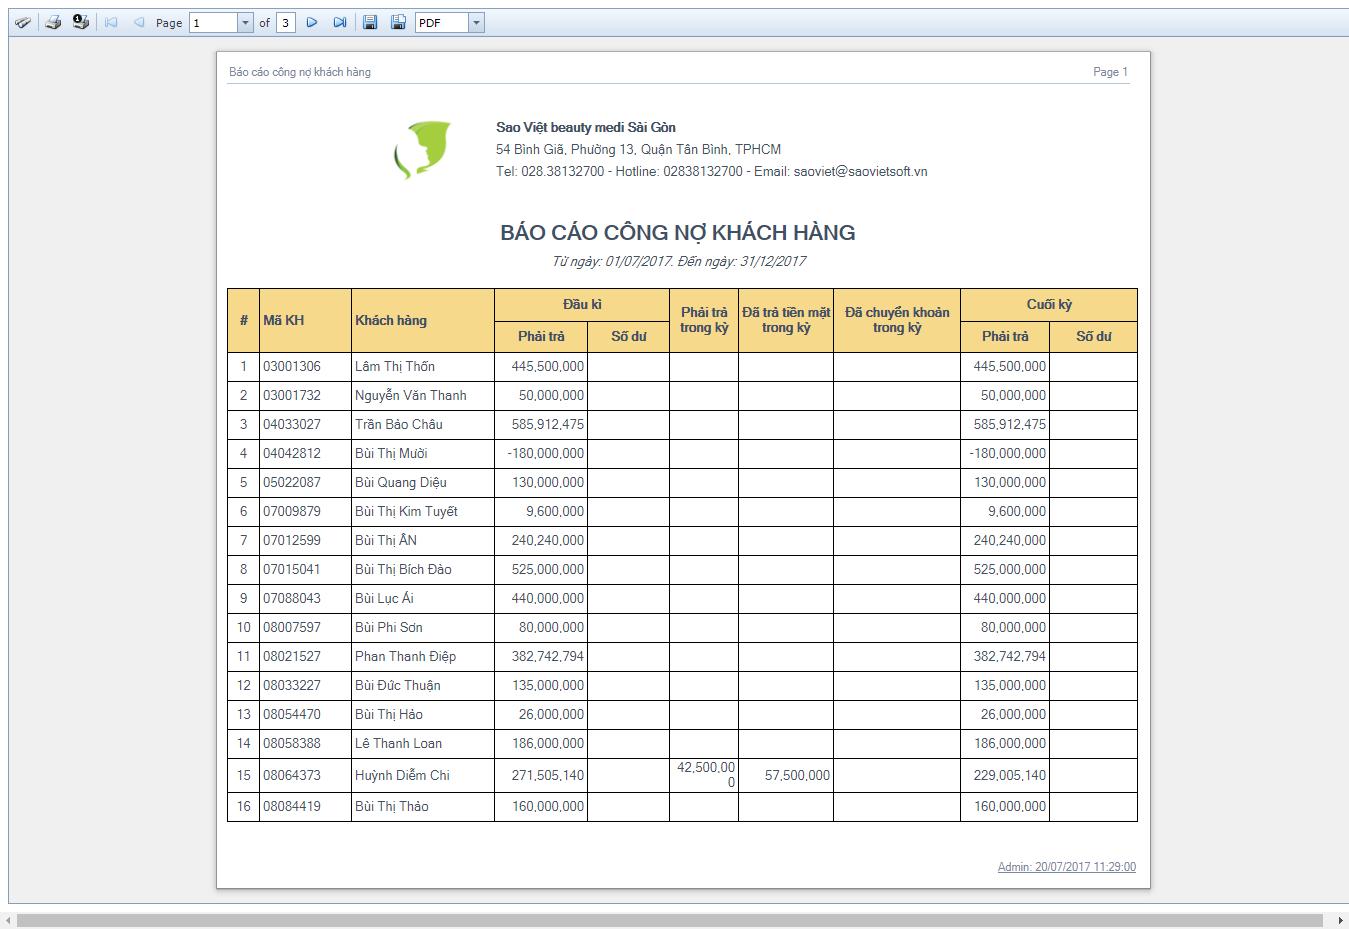 Báo cáo công nợ khách hàng